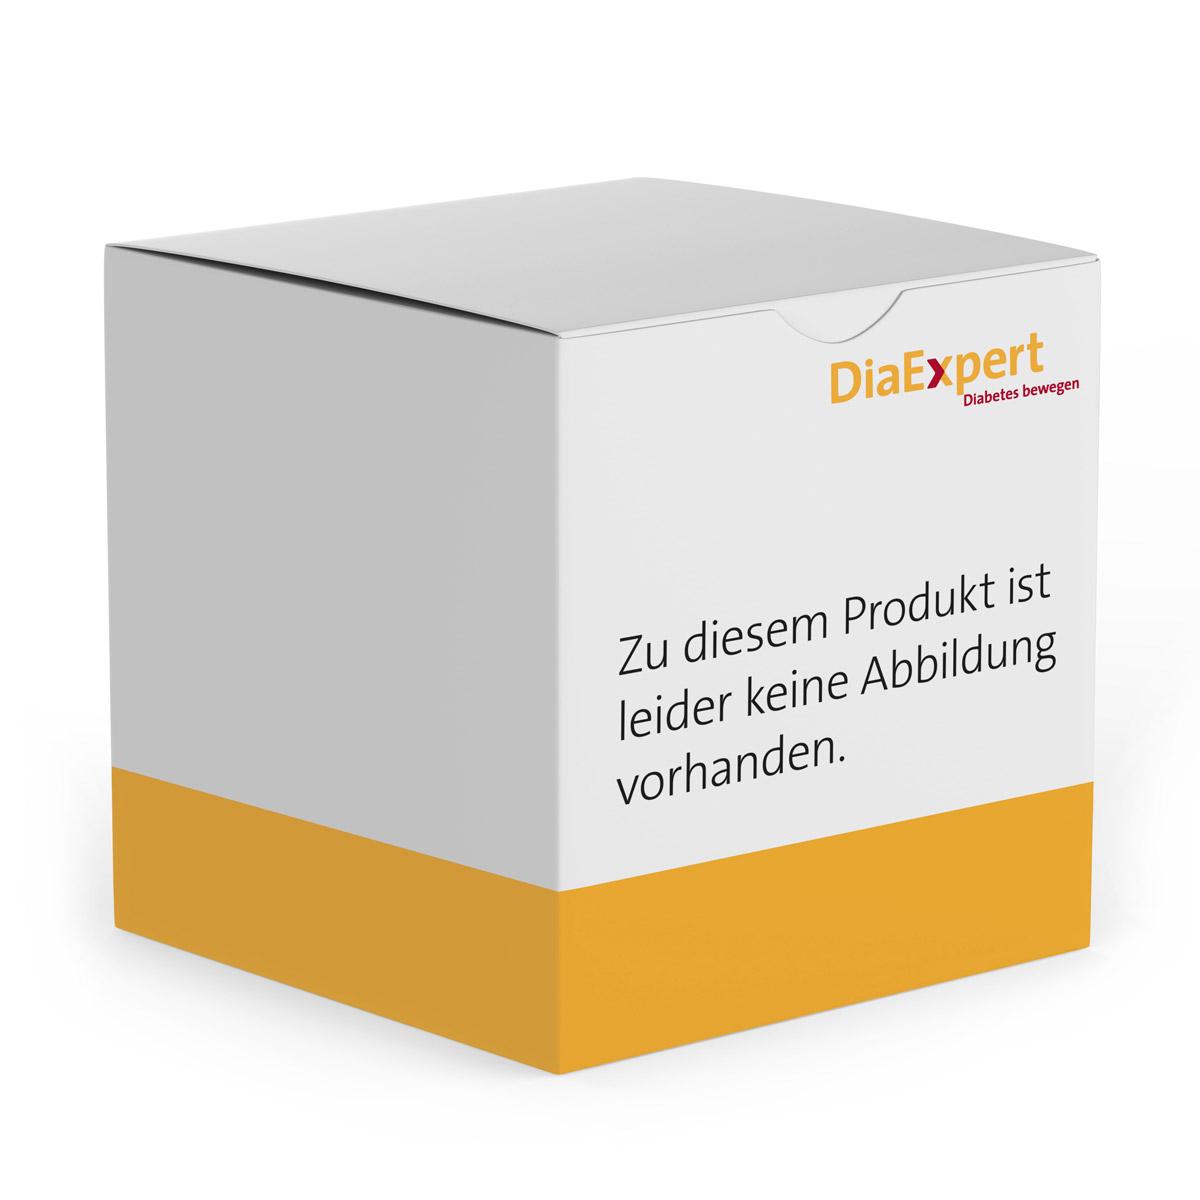 FreeStyle Precision ß-Ketone Teststreifen in Folie verpackt